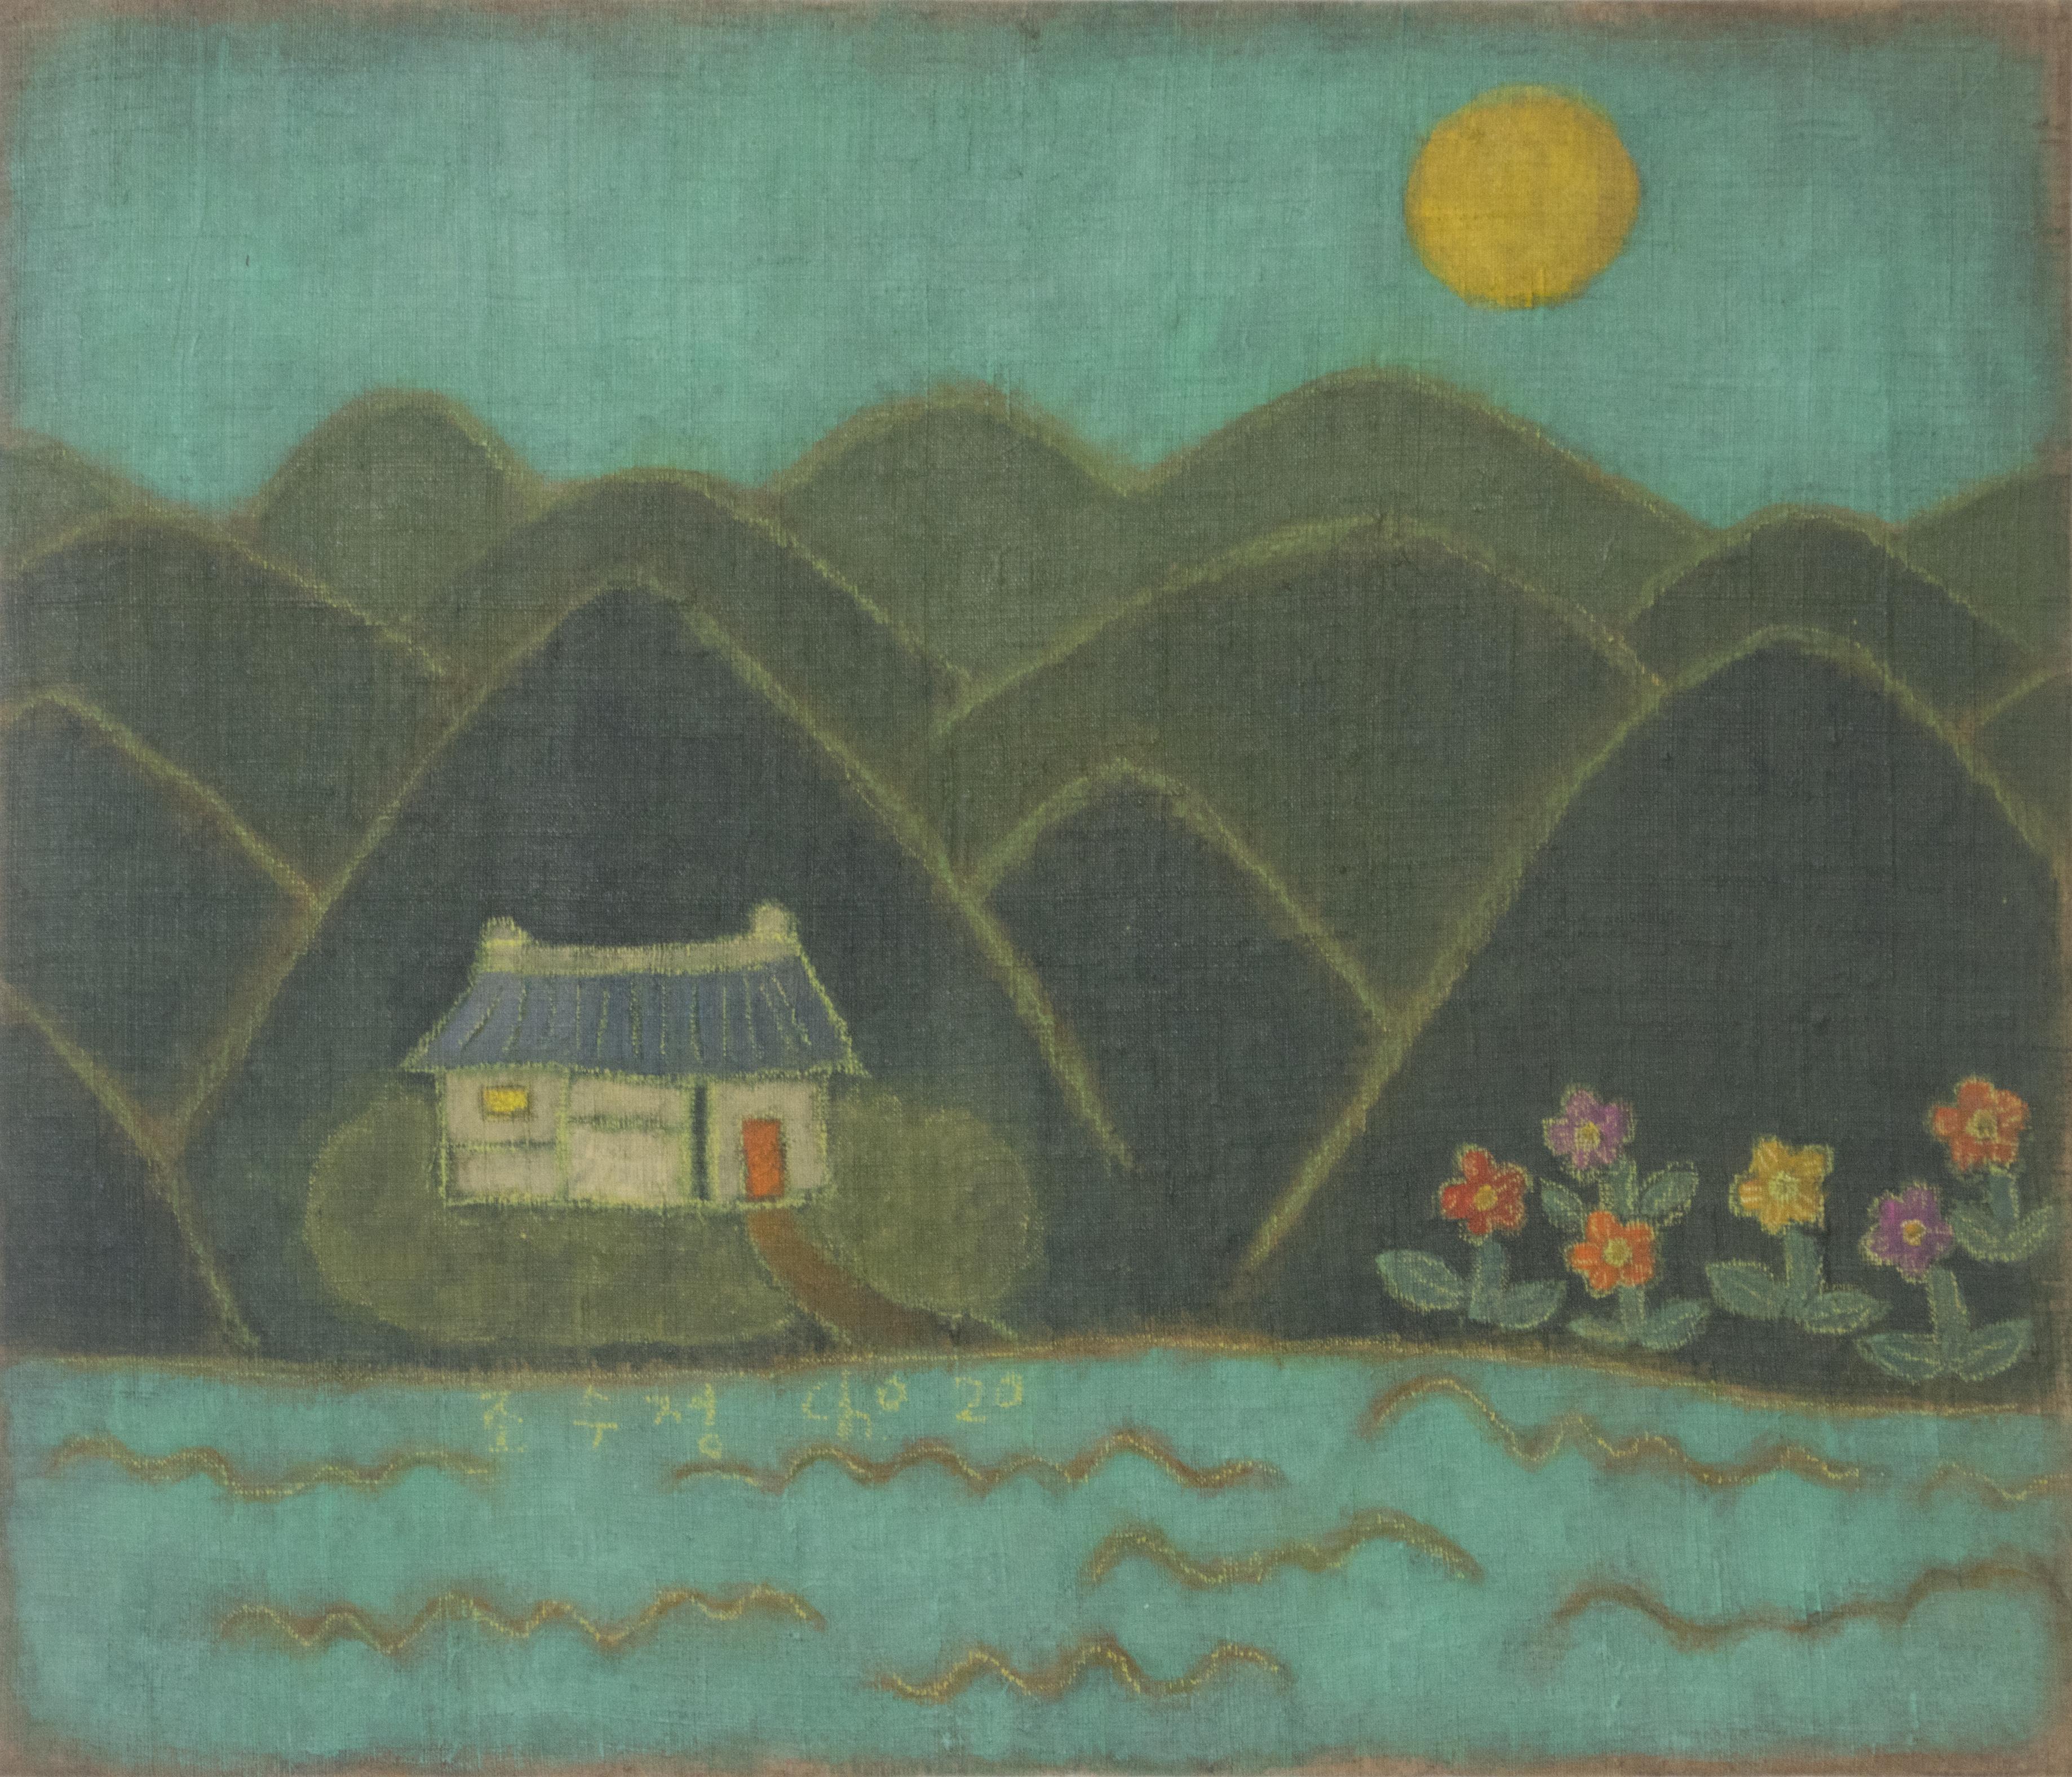 조수정1, 초록세상, 45.3 x 53